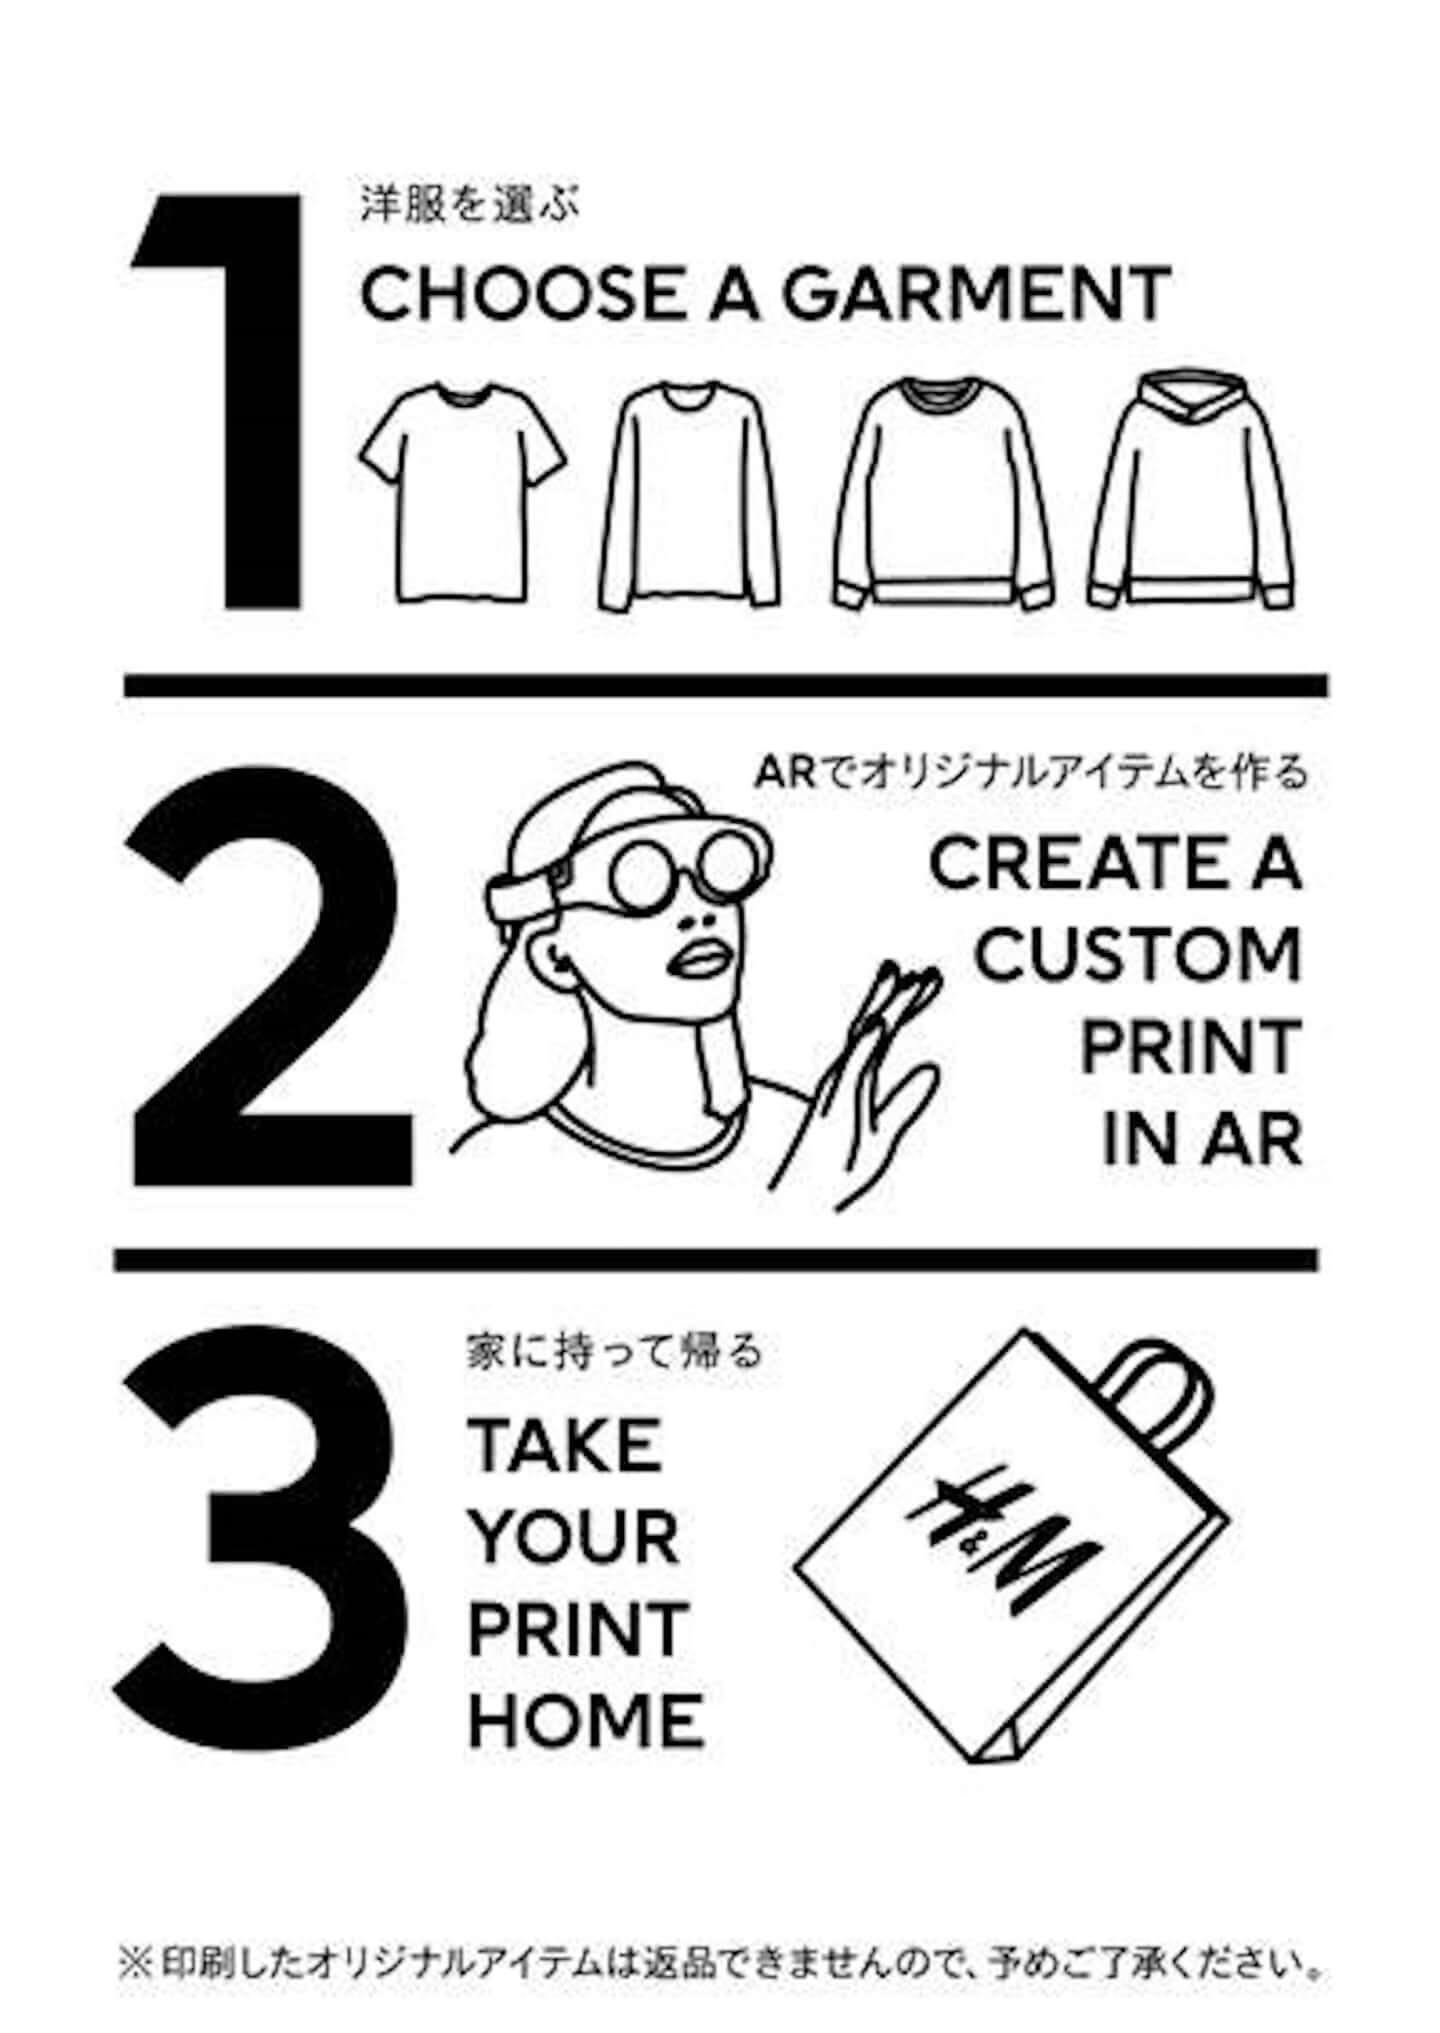 『スター・ウォーズ』の世界観をAR体験&Tシャツプリントできる!H&M原宿店で<リデザイン・ラボ>開催 lf191209_hmstarwarsar_03-1440x2033